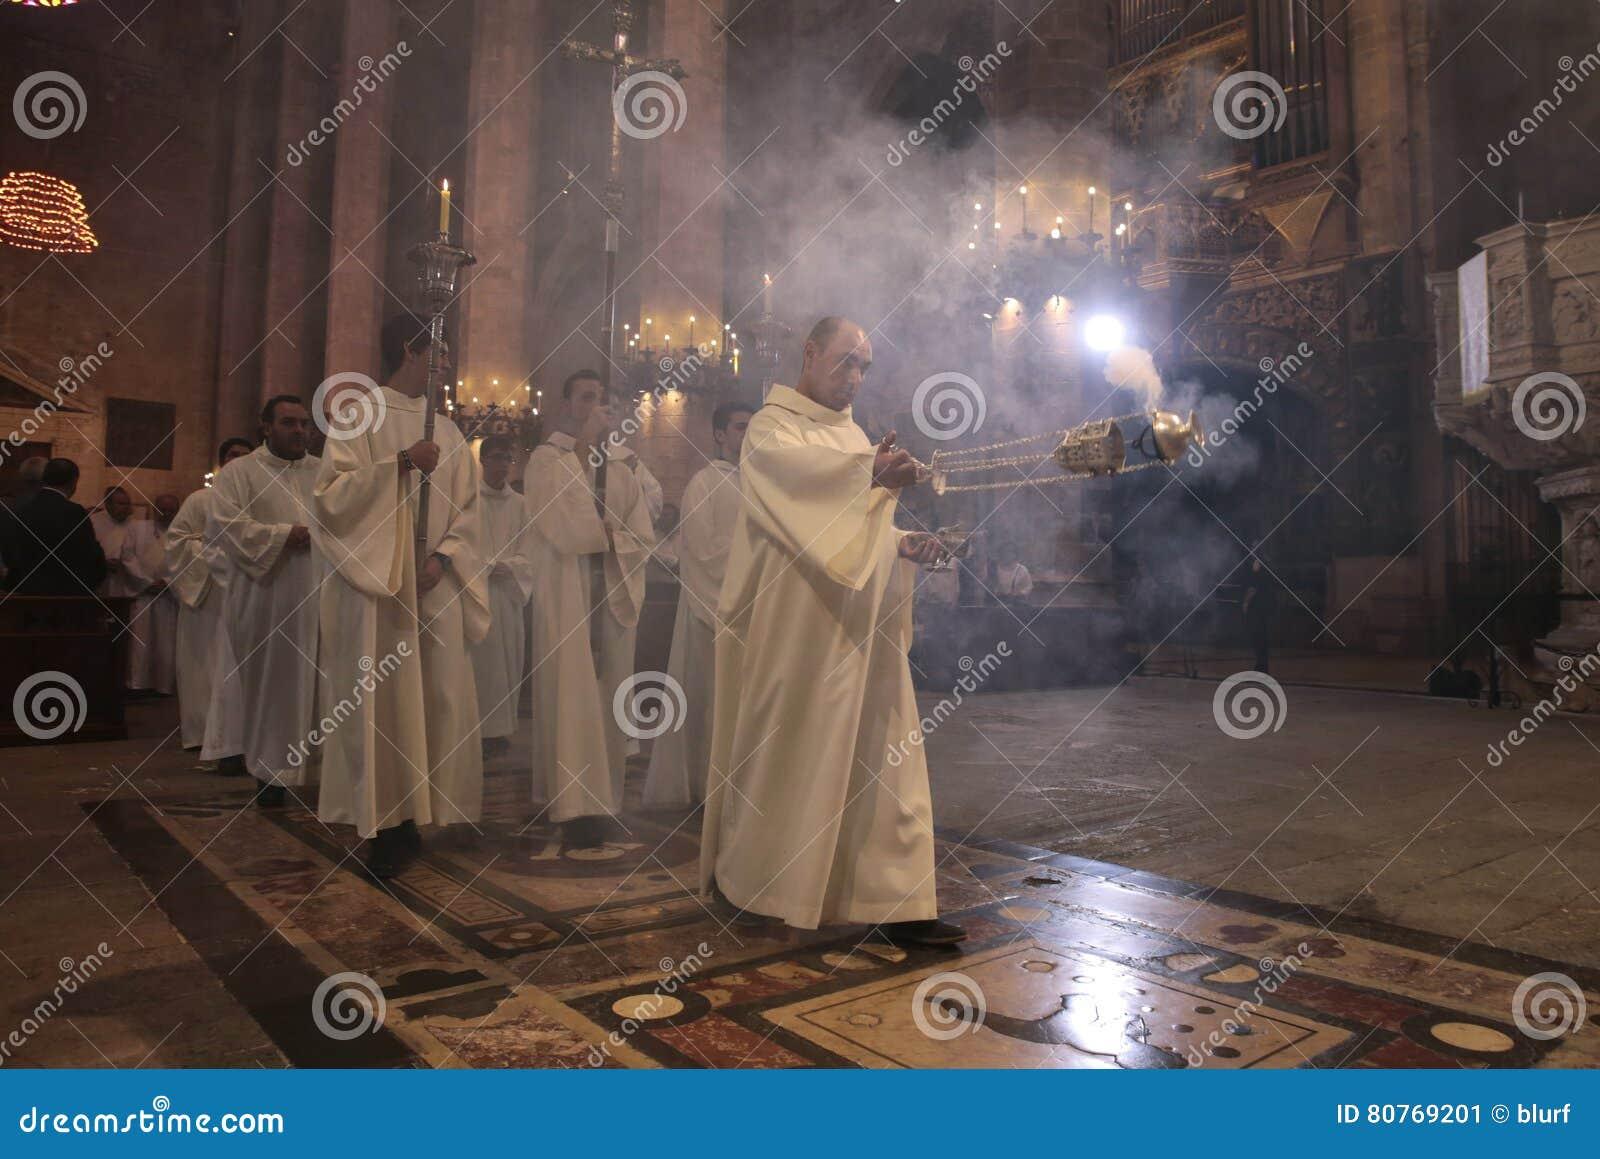 Priester und hereinkommende Masse Weihrauch Thurible